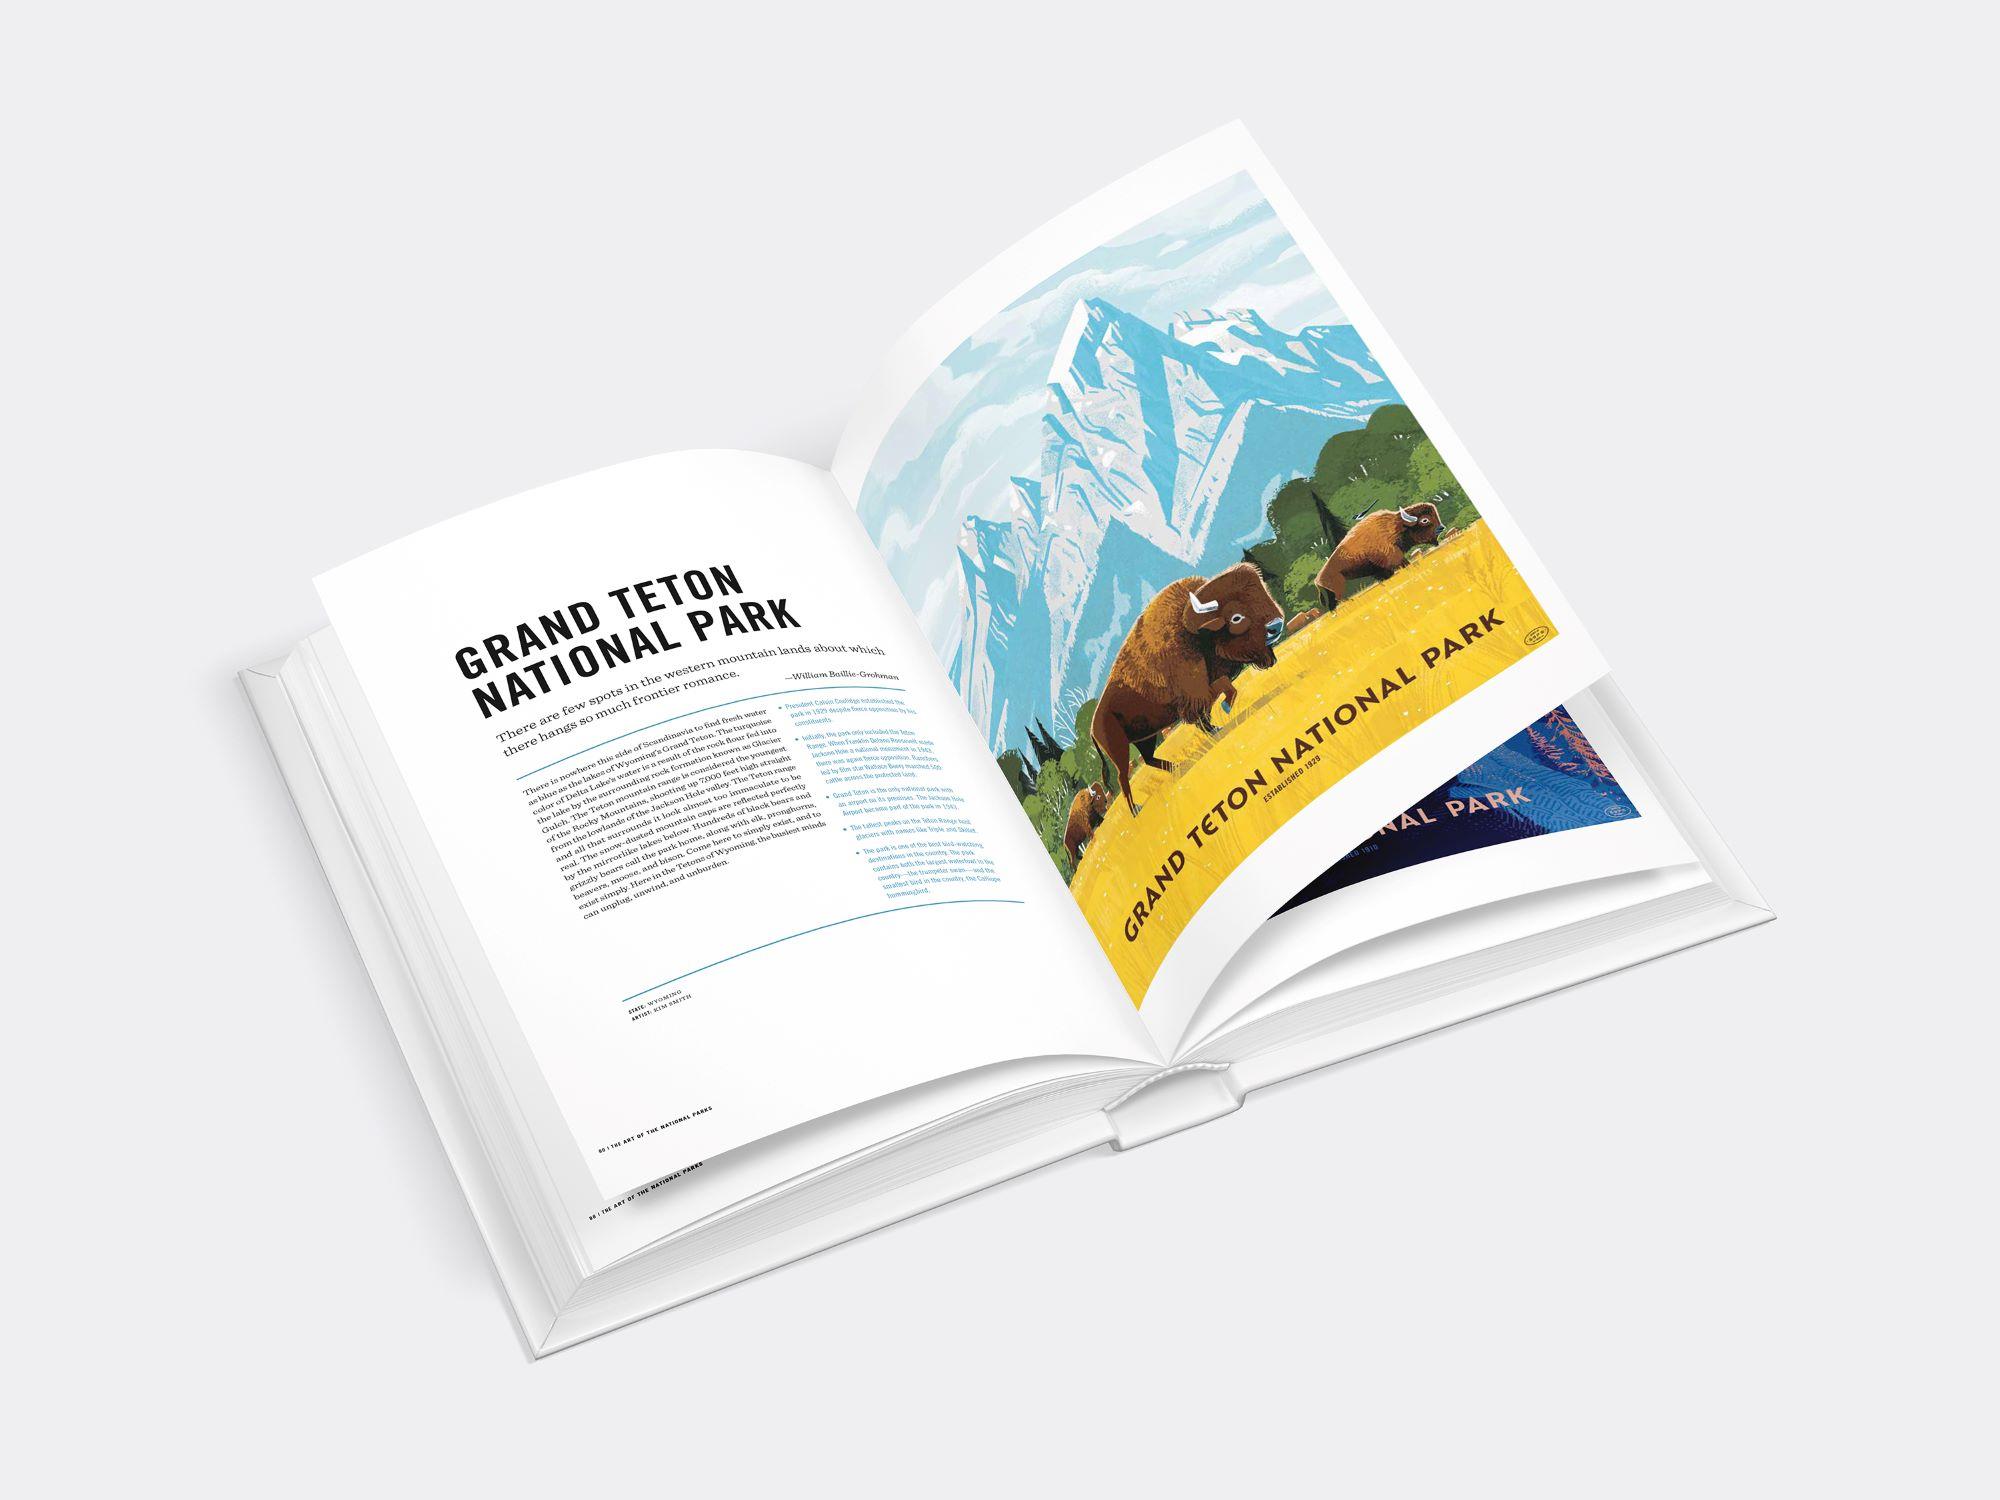 5_Grand Teton National Park